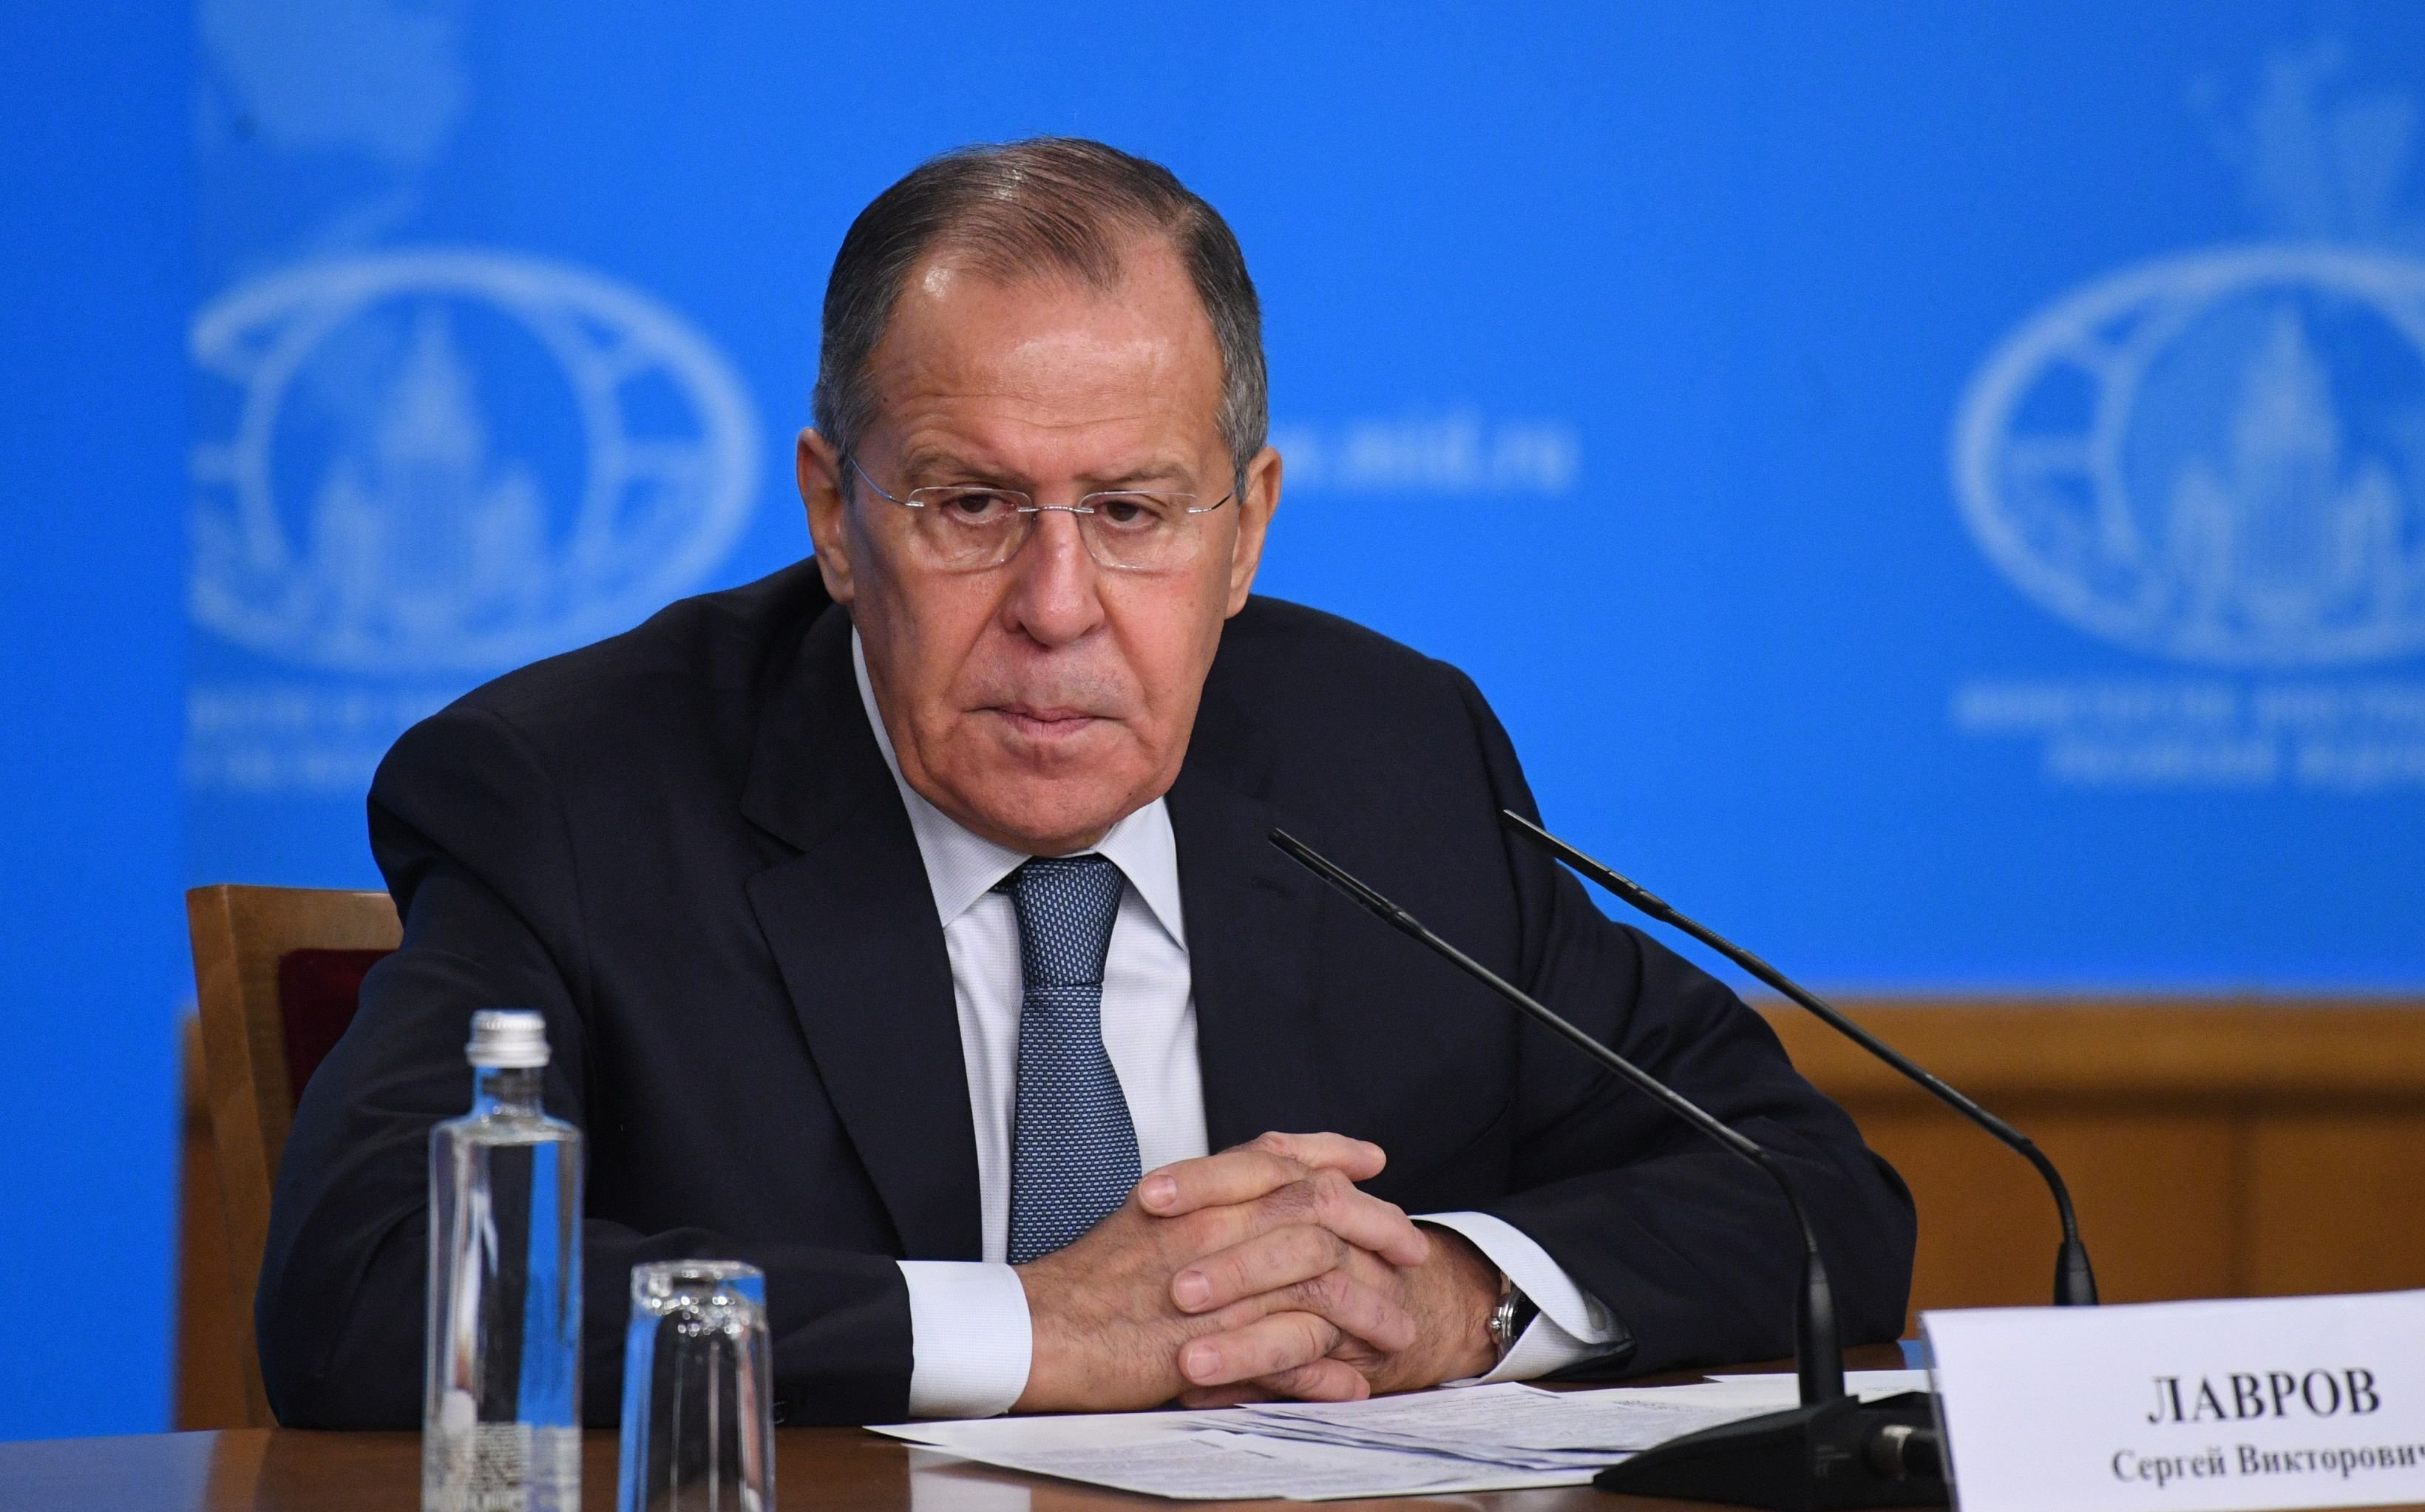 Rosyjski minister spraw zagranicznych Siergiej Ławrow na konferencji prasowej